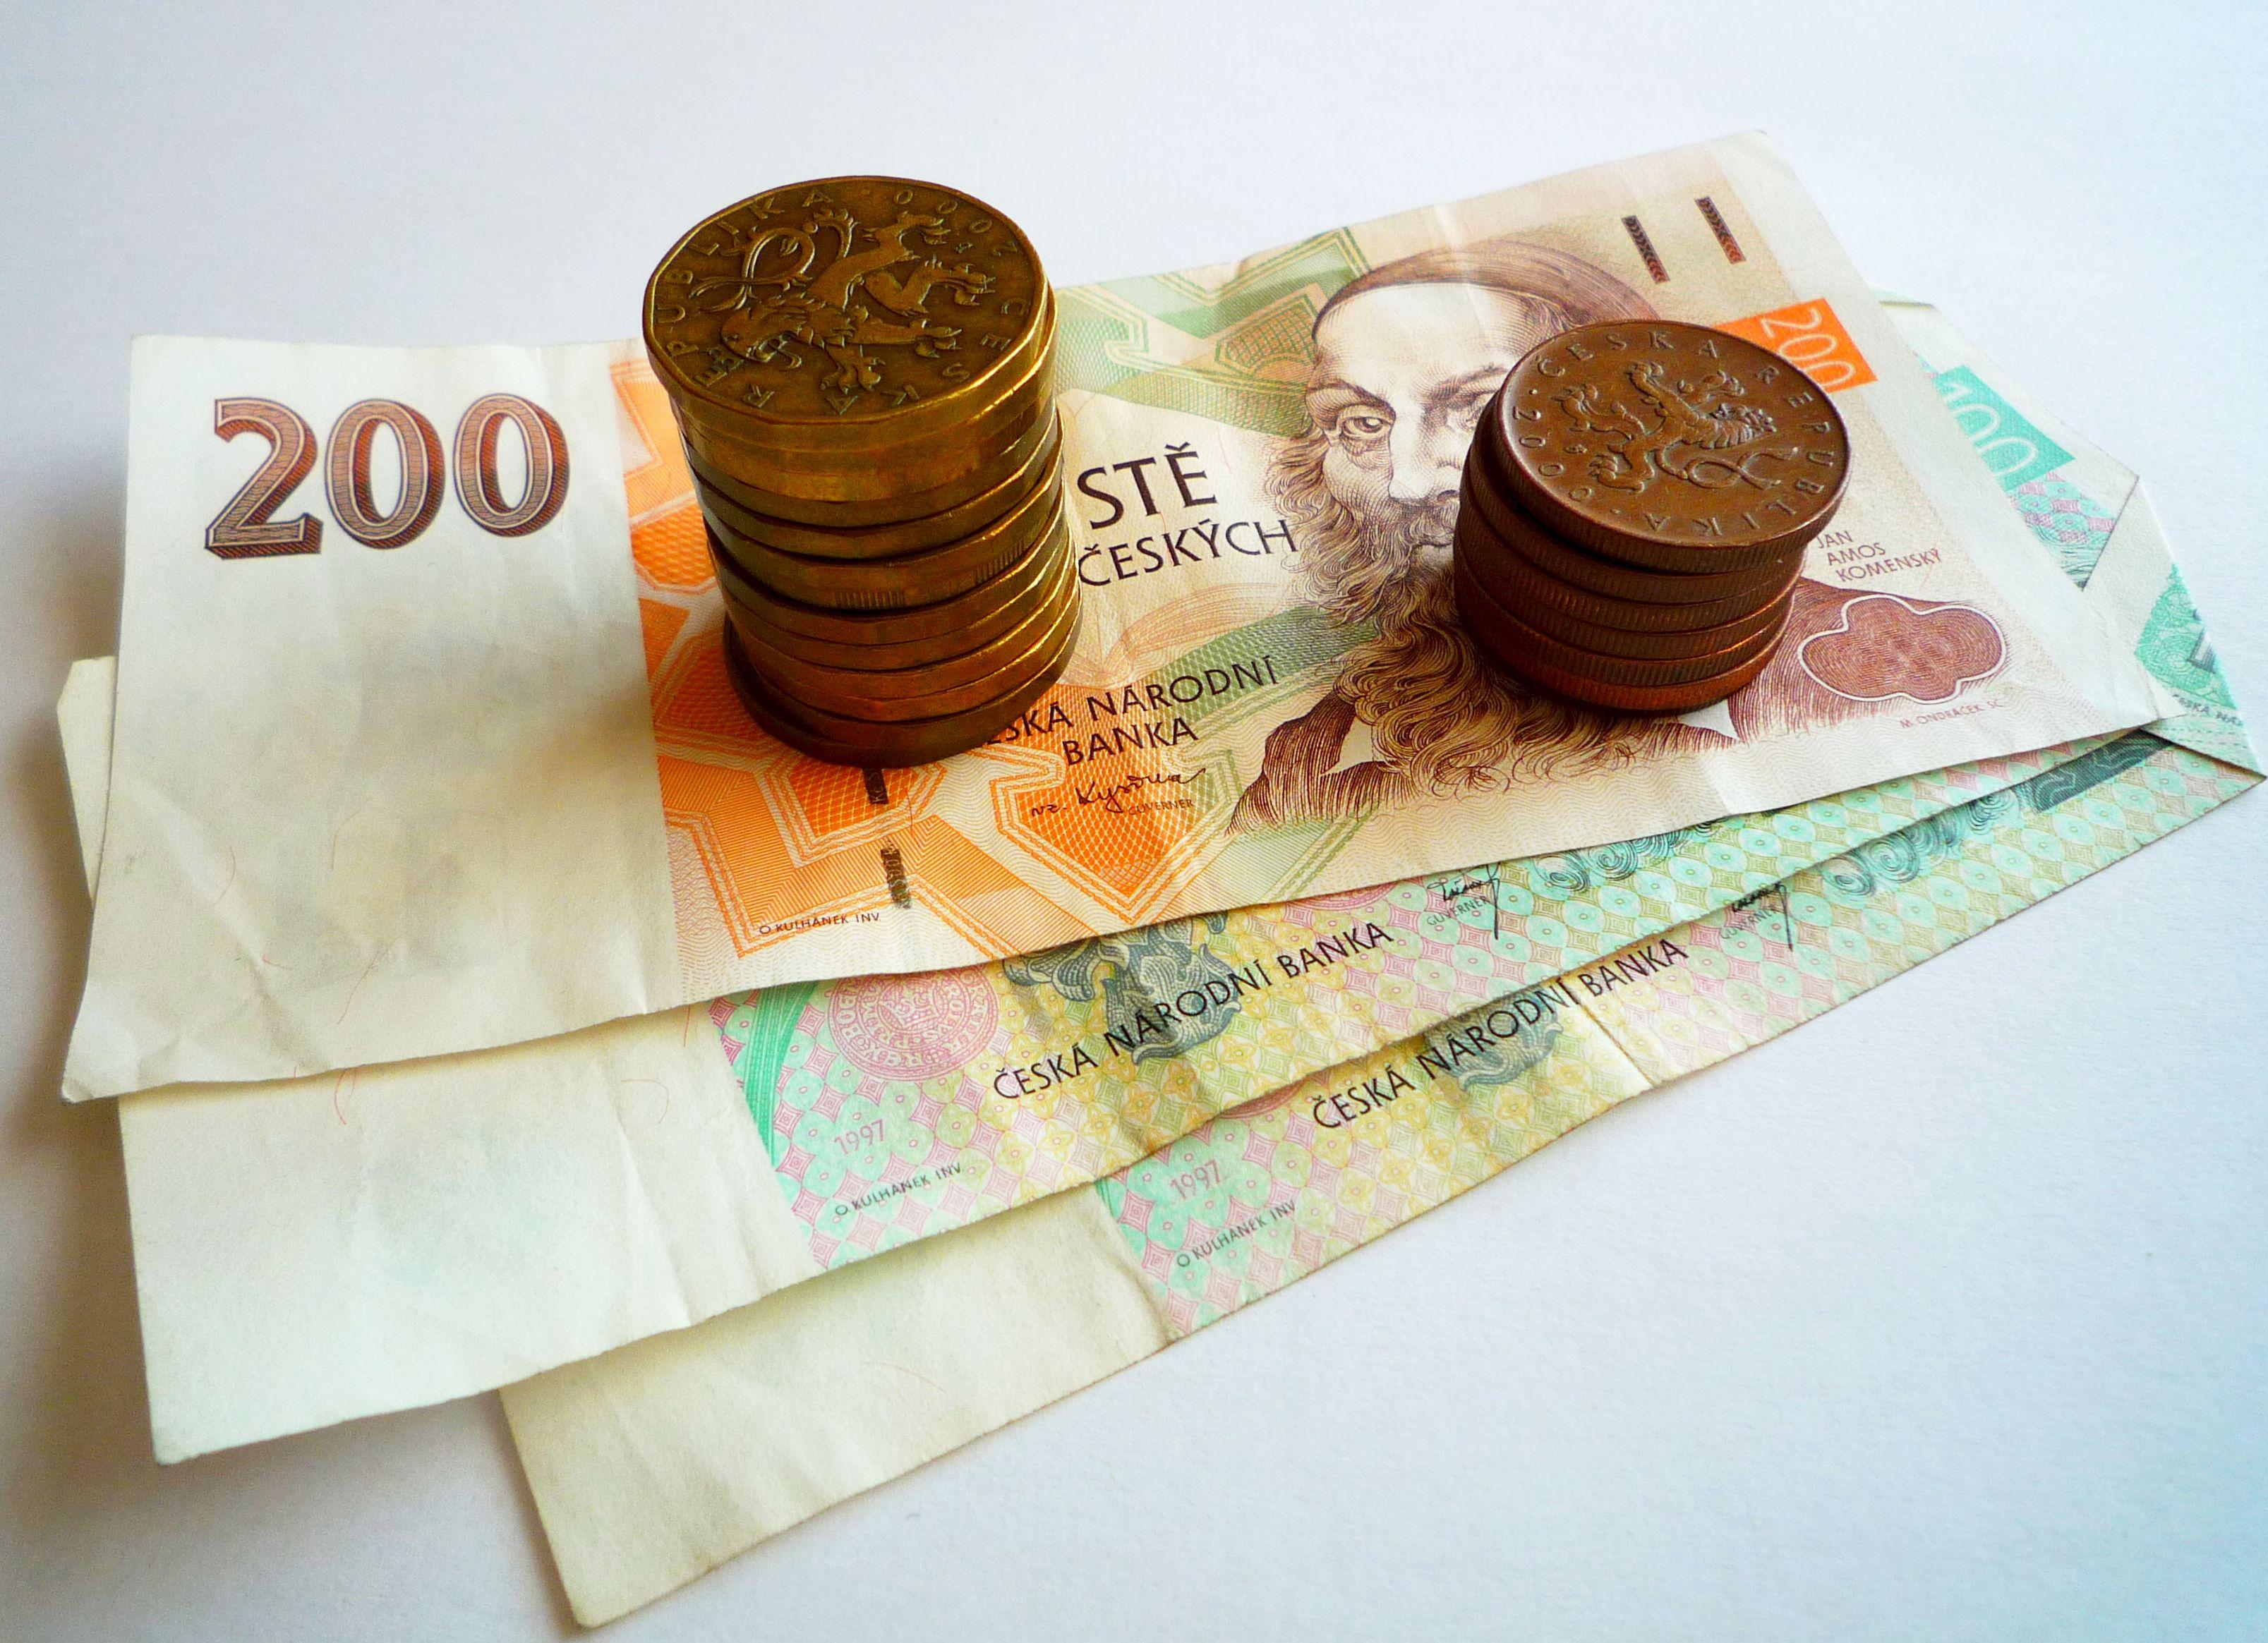 rychlá půjčka na mateřskou - Kredit7eo4bpk.